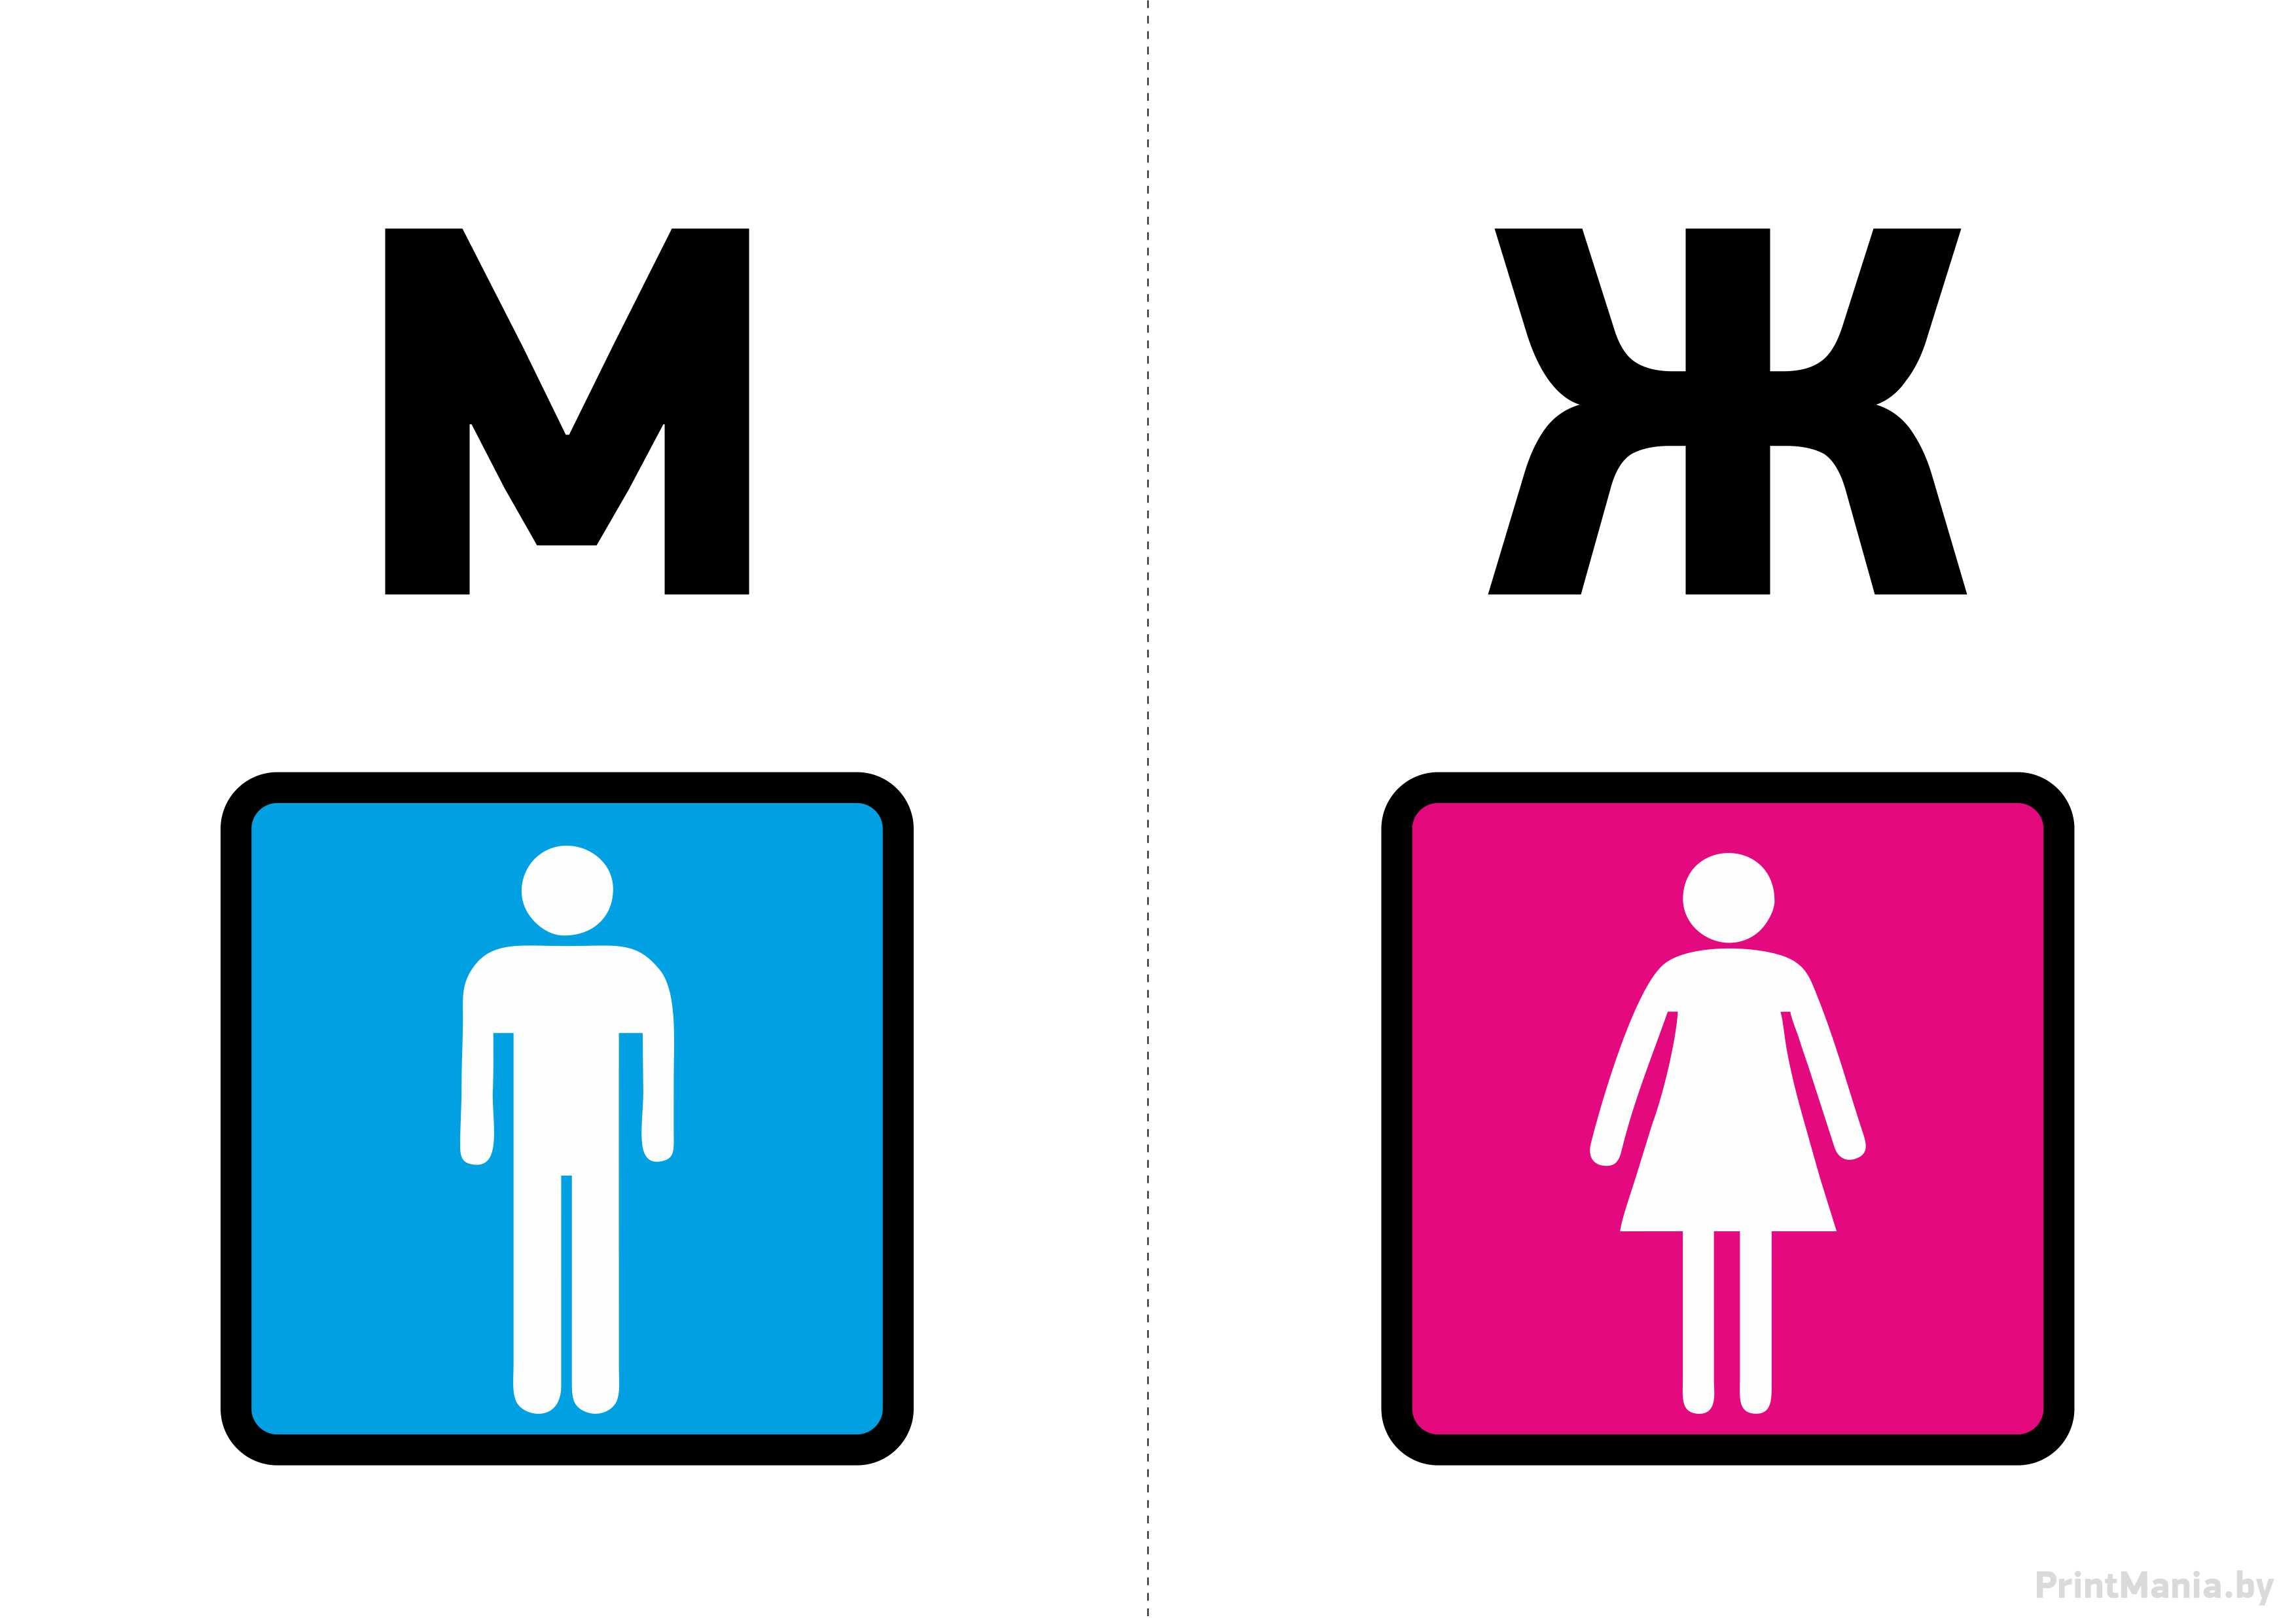 Картинка туалет мужской и женский